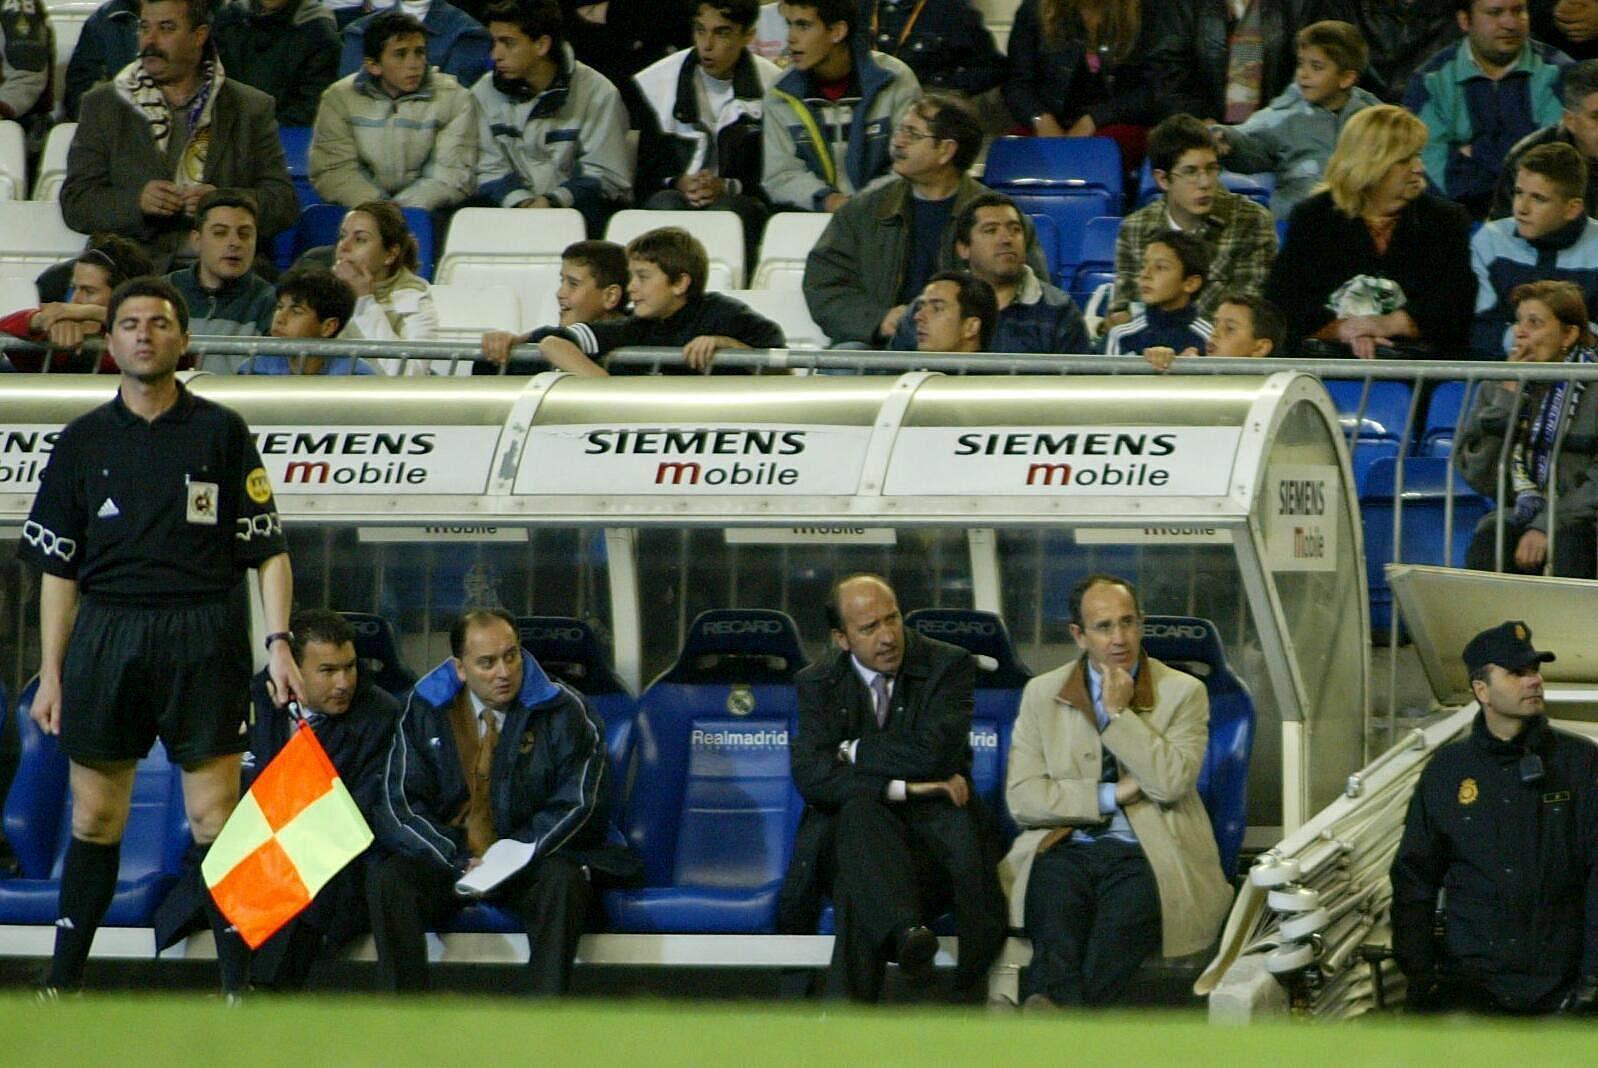 Partido benéfico en el Santiago Bernabéu. <br> <b>Juan Lázaro</b>